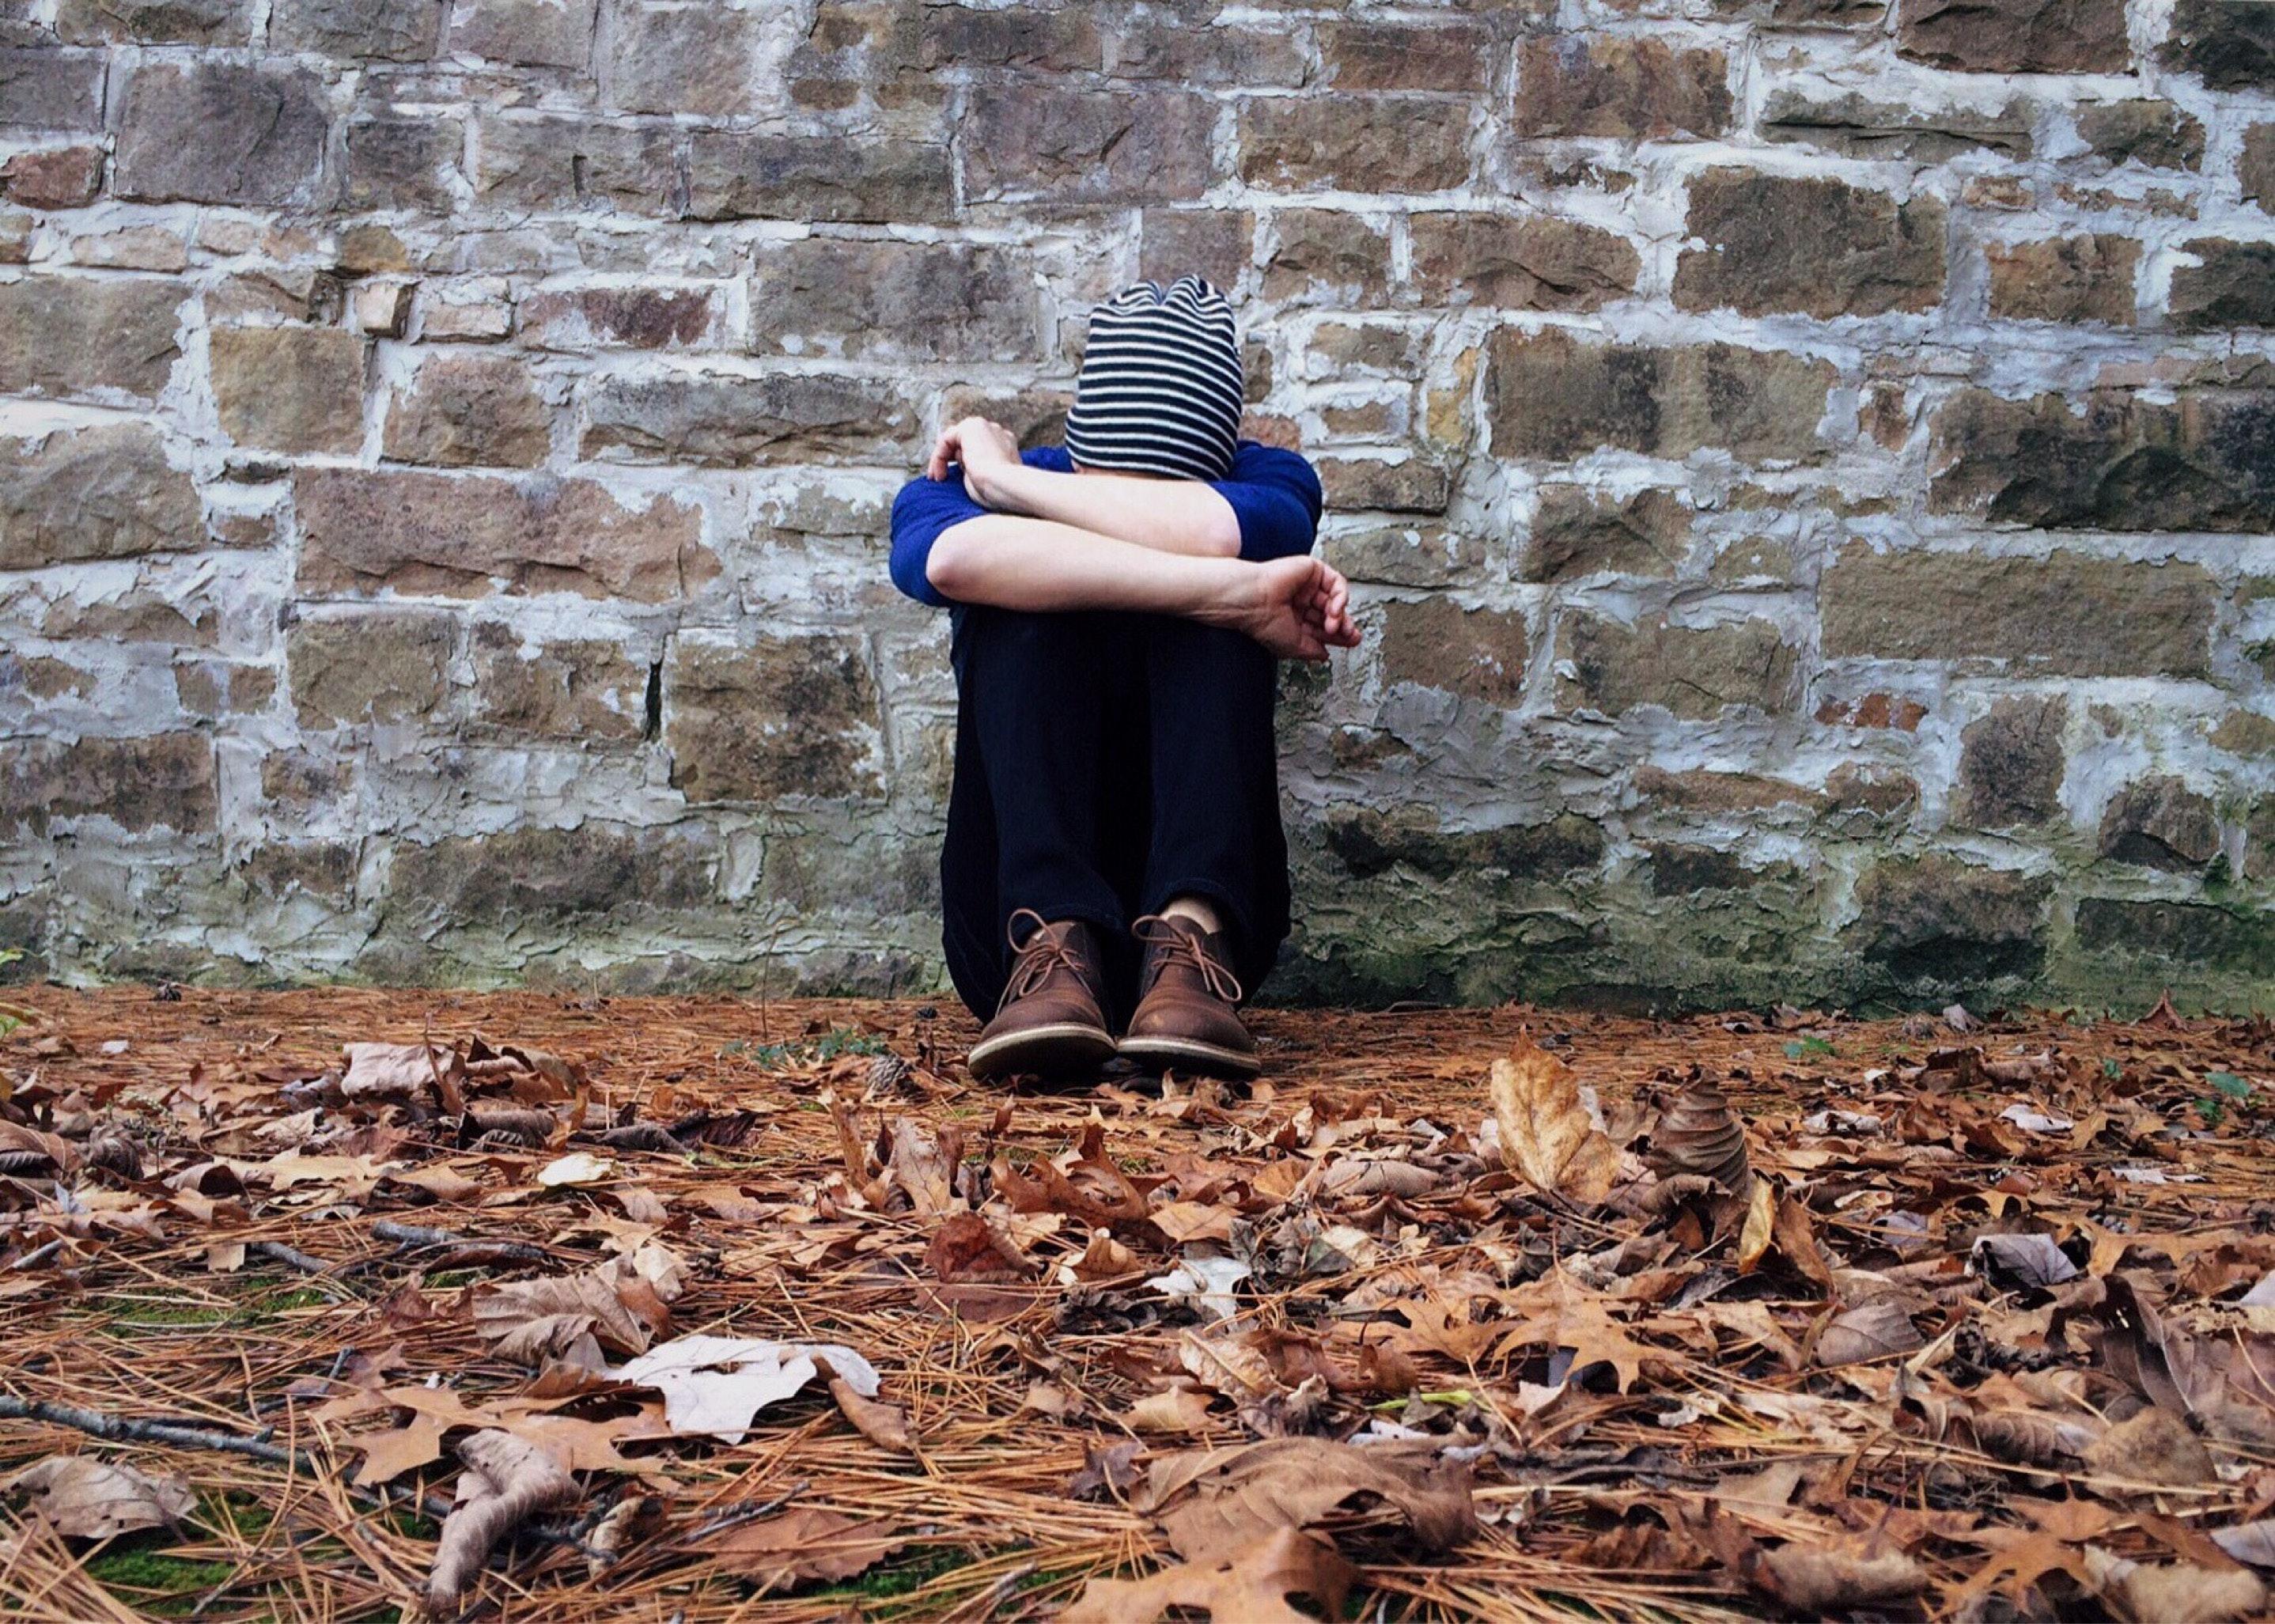 Pensamientos suicidas